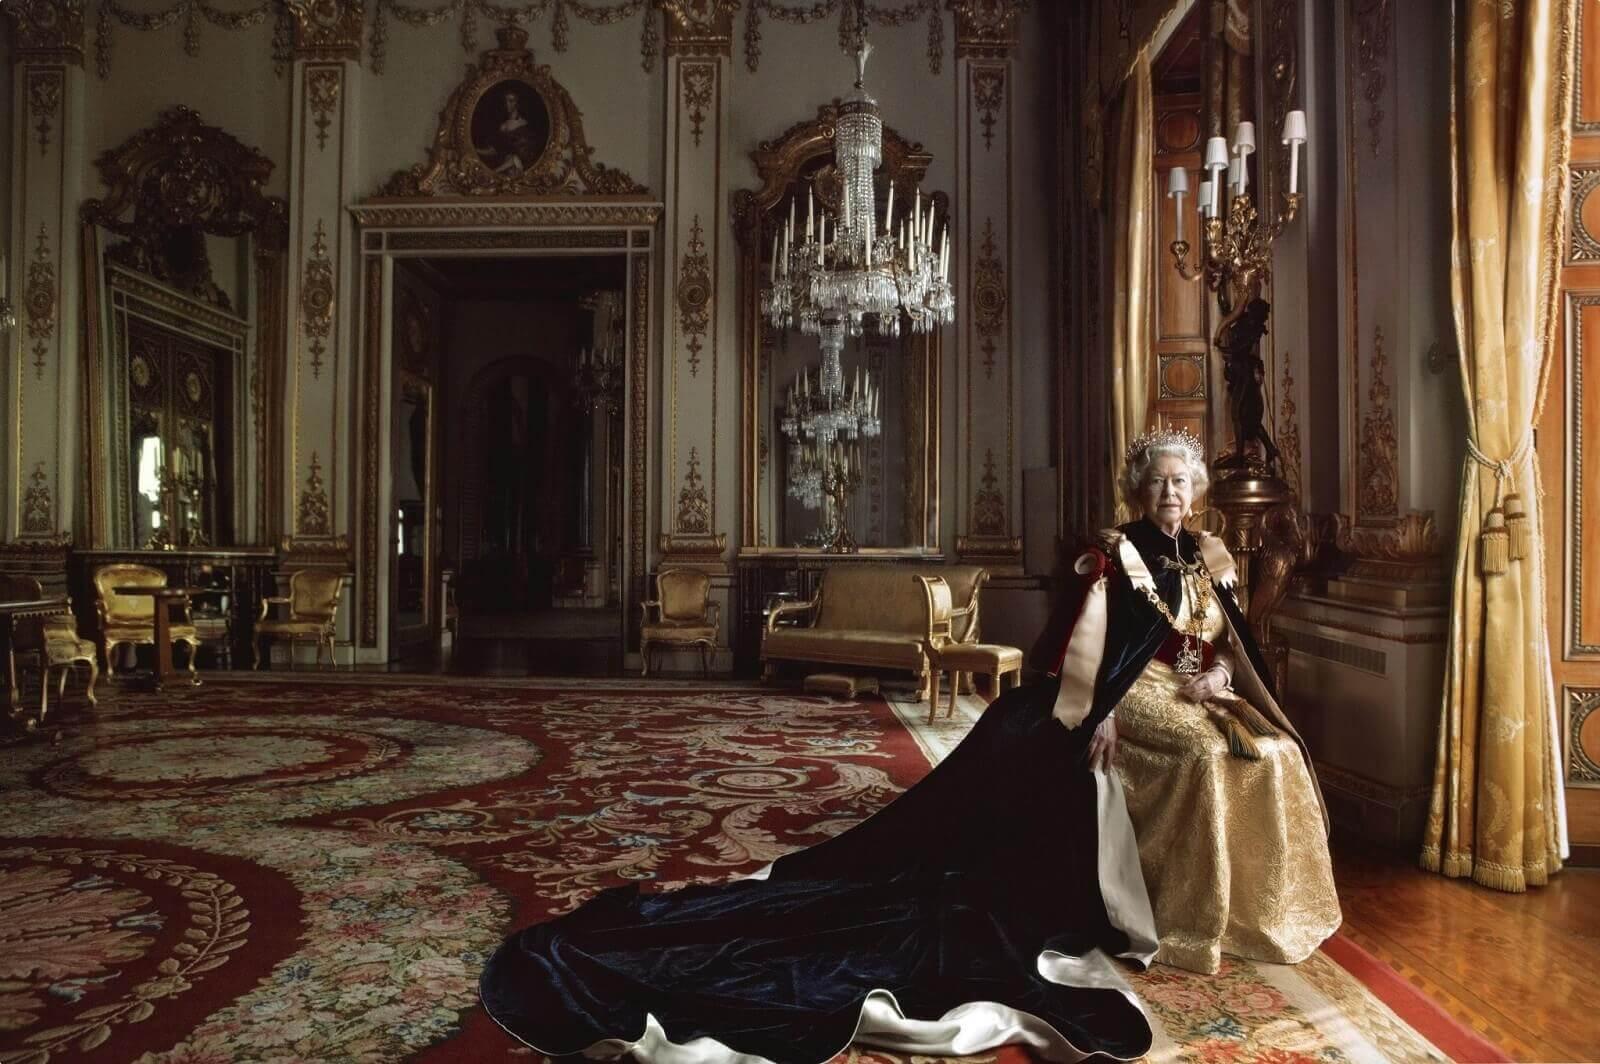 Annie Leibovitz; Queen Elizabeth II Portrait photoshoot in Buckingham Palace